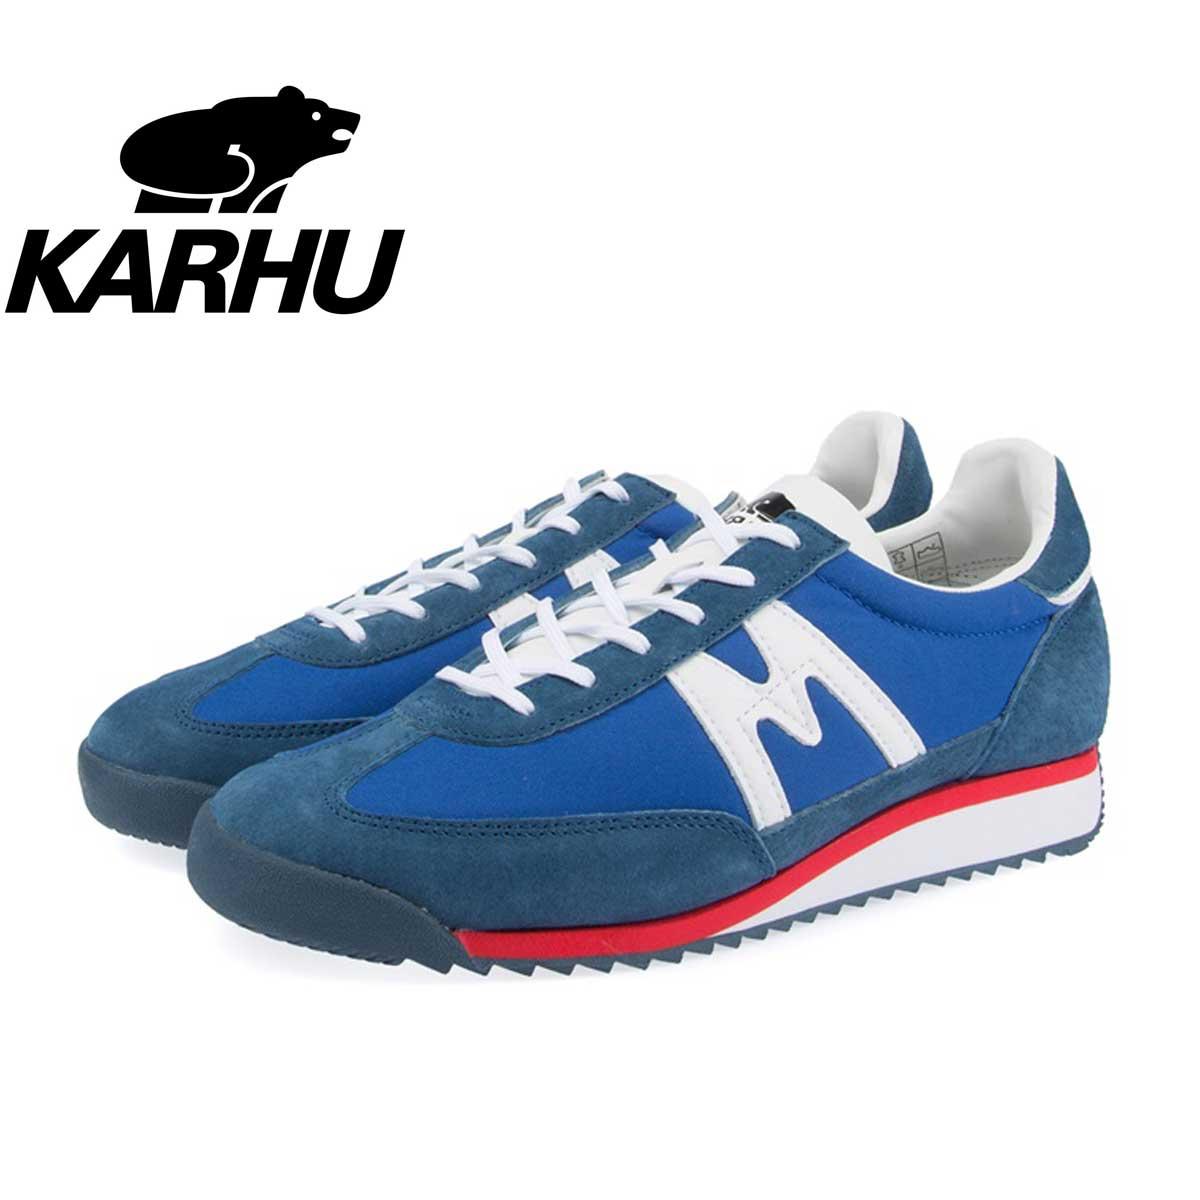 カルフ KARHU KH 805002 クラシックブルー/ホワイト(ユニセックス) CHAMPIONAIR 「靴」